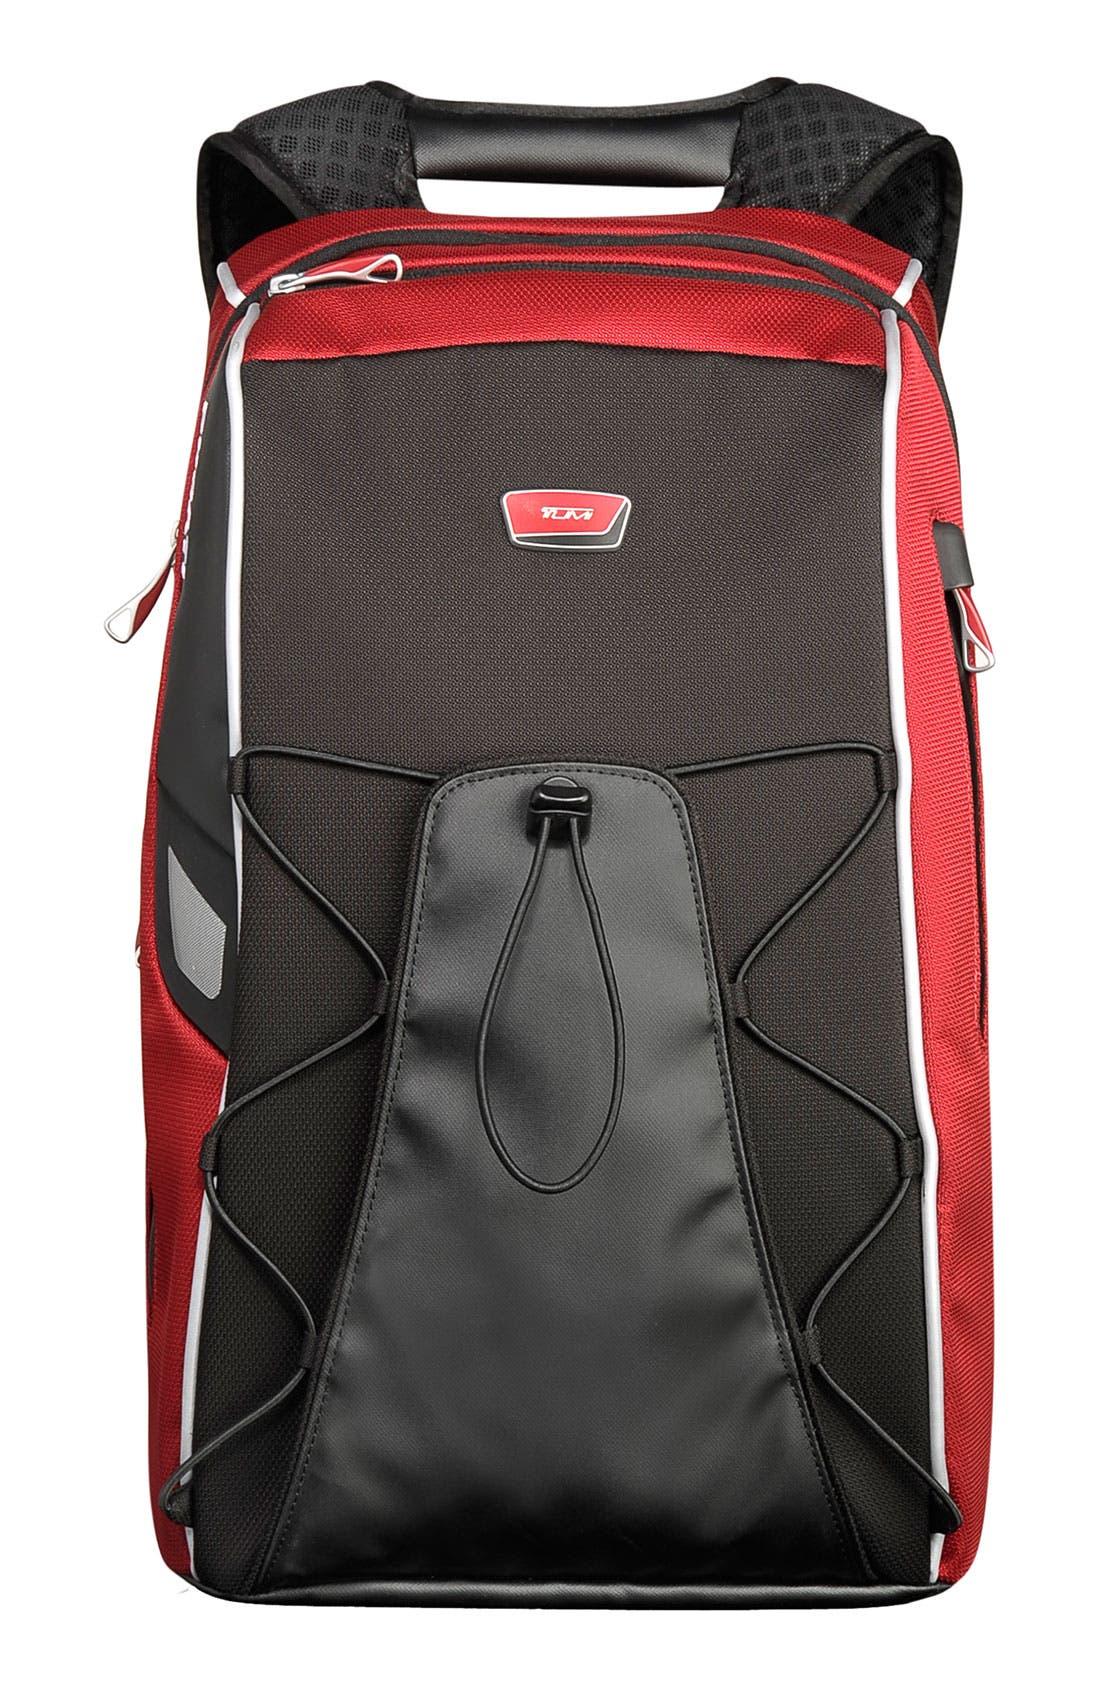 Alternate Image 1 Selected - Tumi 'Ducati Tank - Medium' Backpack